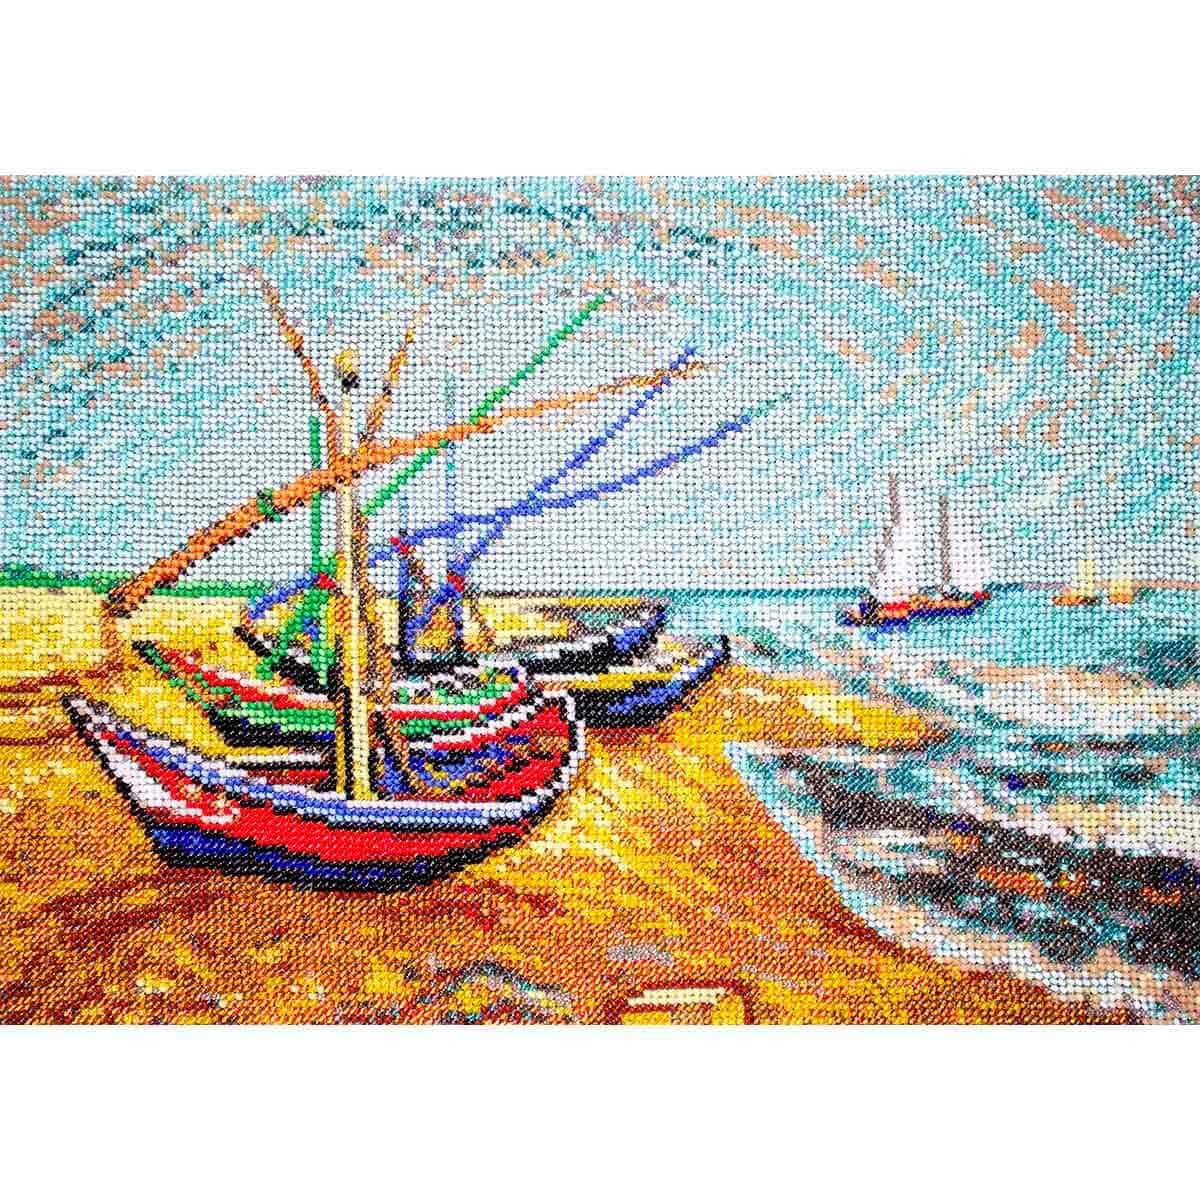 Р-105 Набор для вышивания бисером Созвездие. По мотивам картины Винсента Ван Гога 'Лодки в Сен-Мари' 32*24см